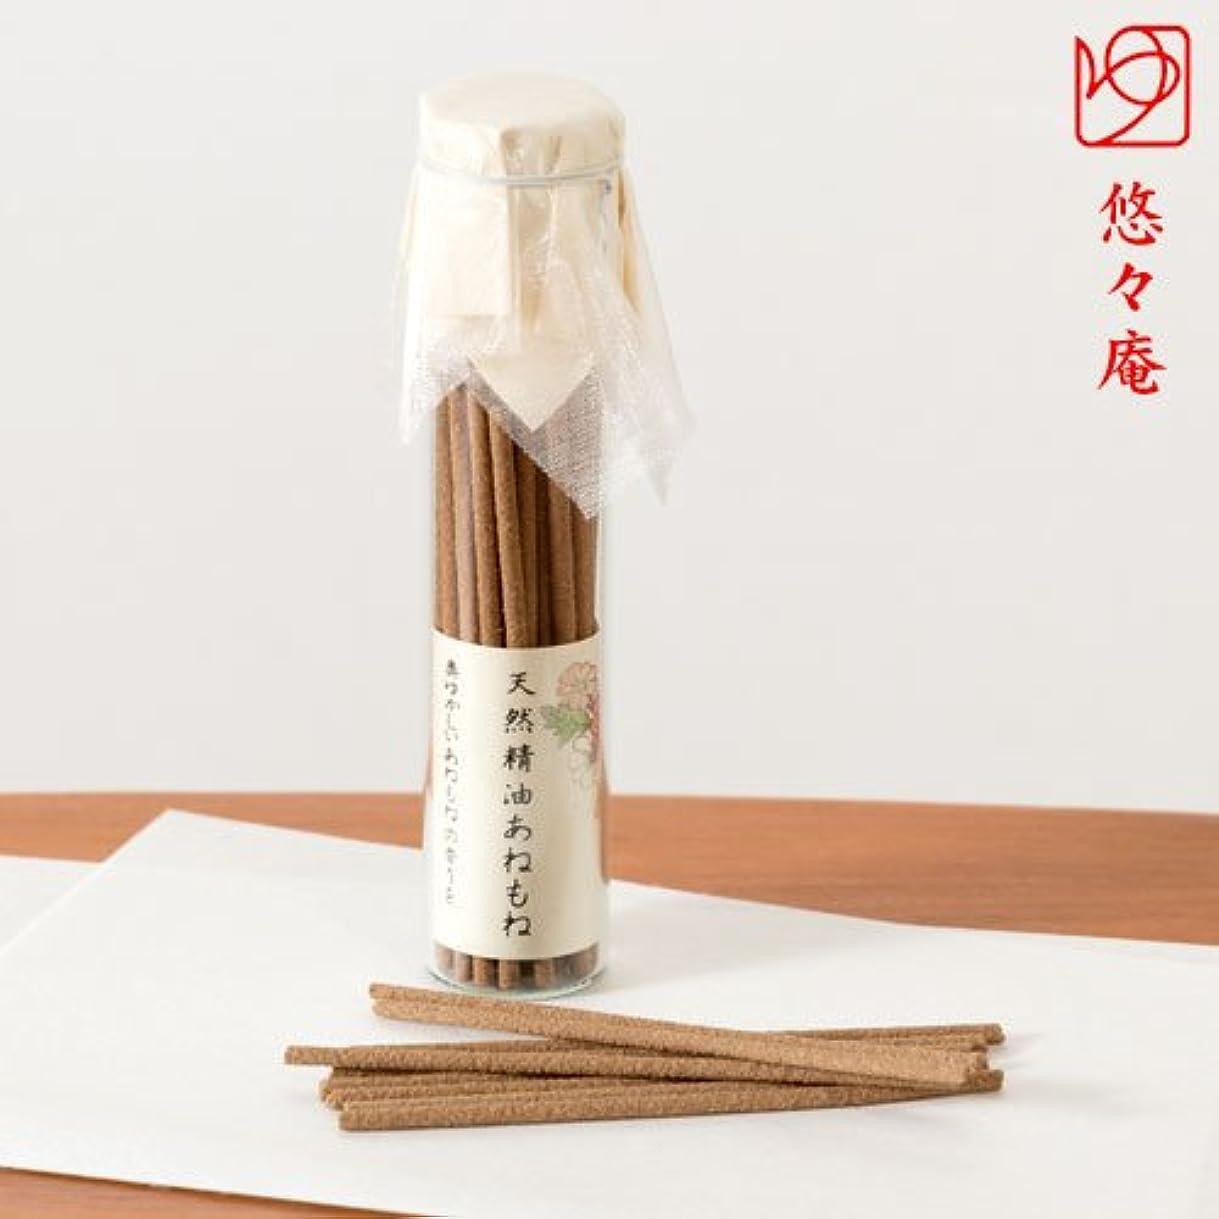 コンソール予約バルクスティックお香天然精油のお線香あねもねの小径ガラスビン入悠々庵Incense stick of natural essential oil